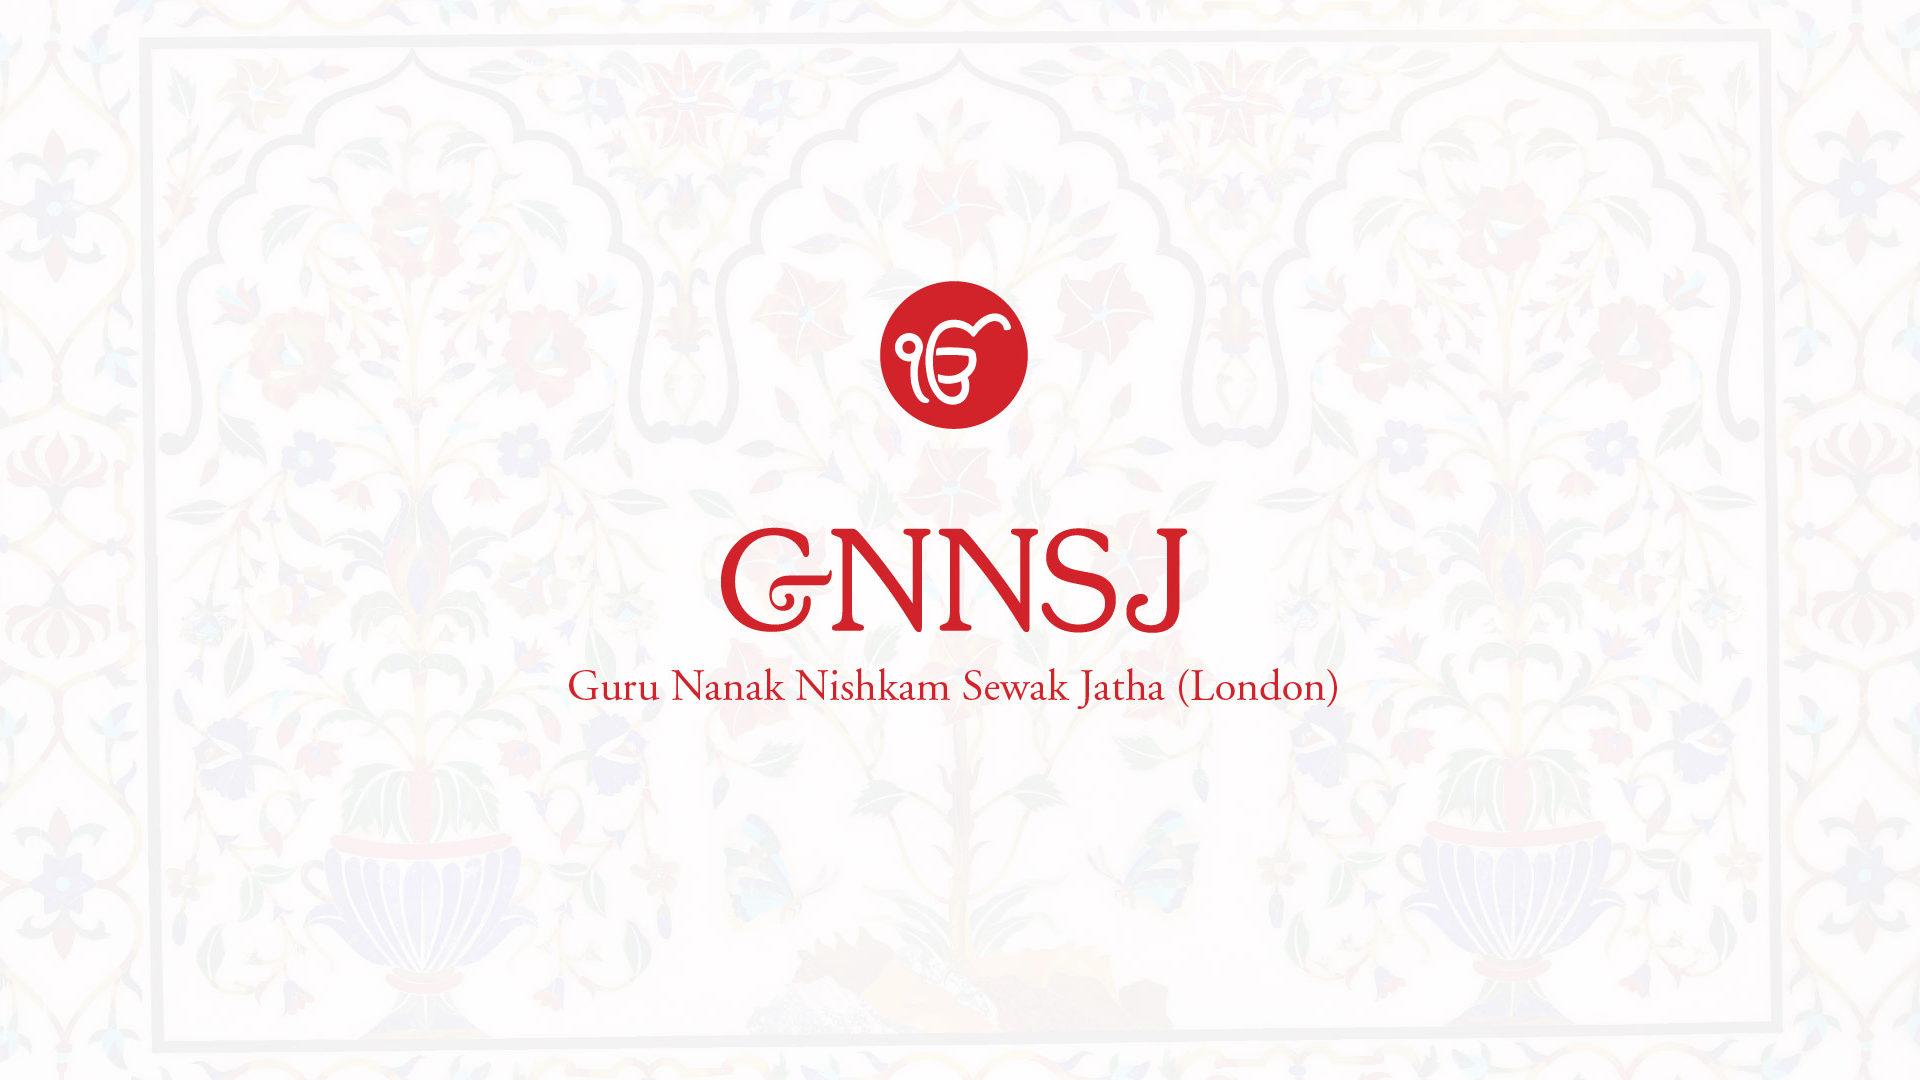 Guru Nanak Nishkam Sewak Jatha London